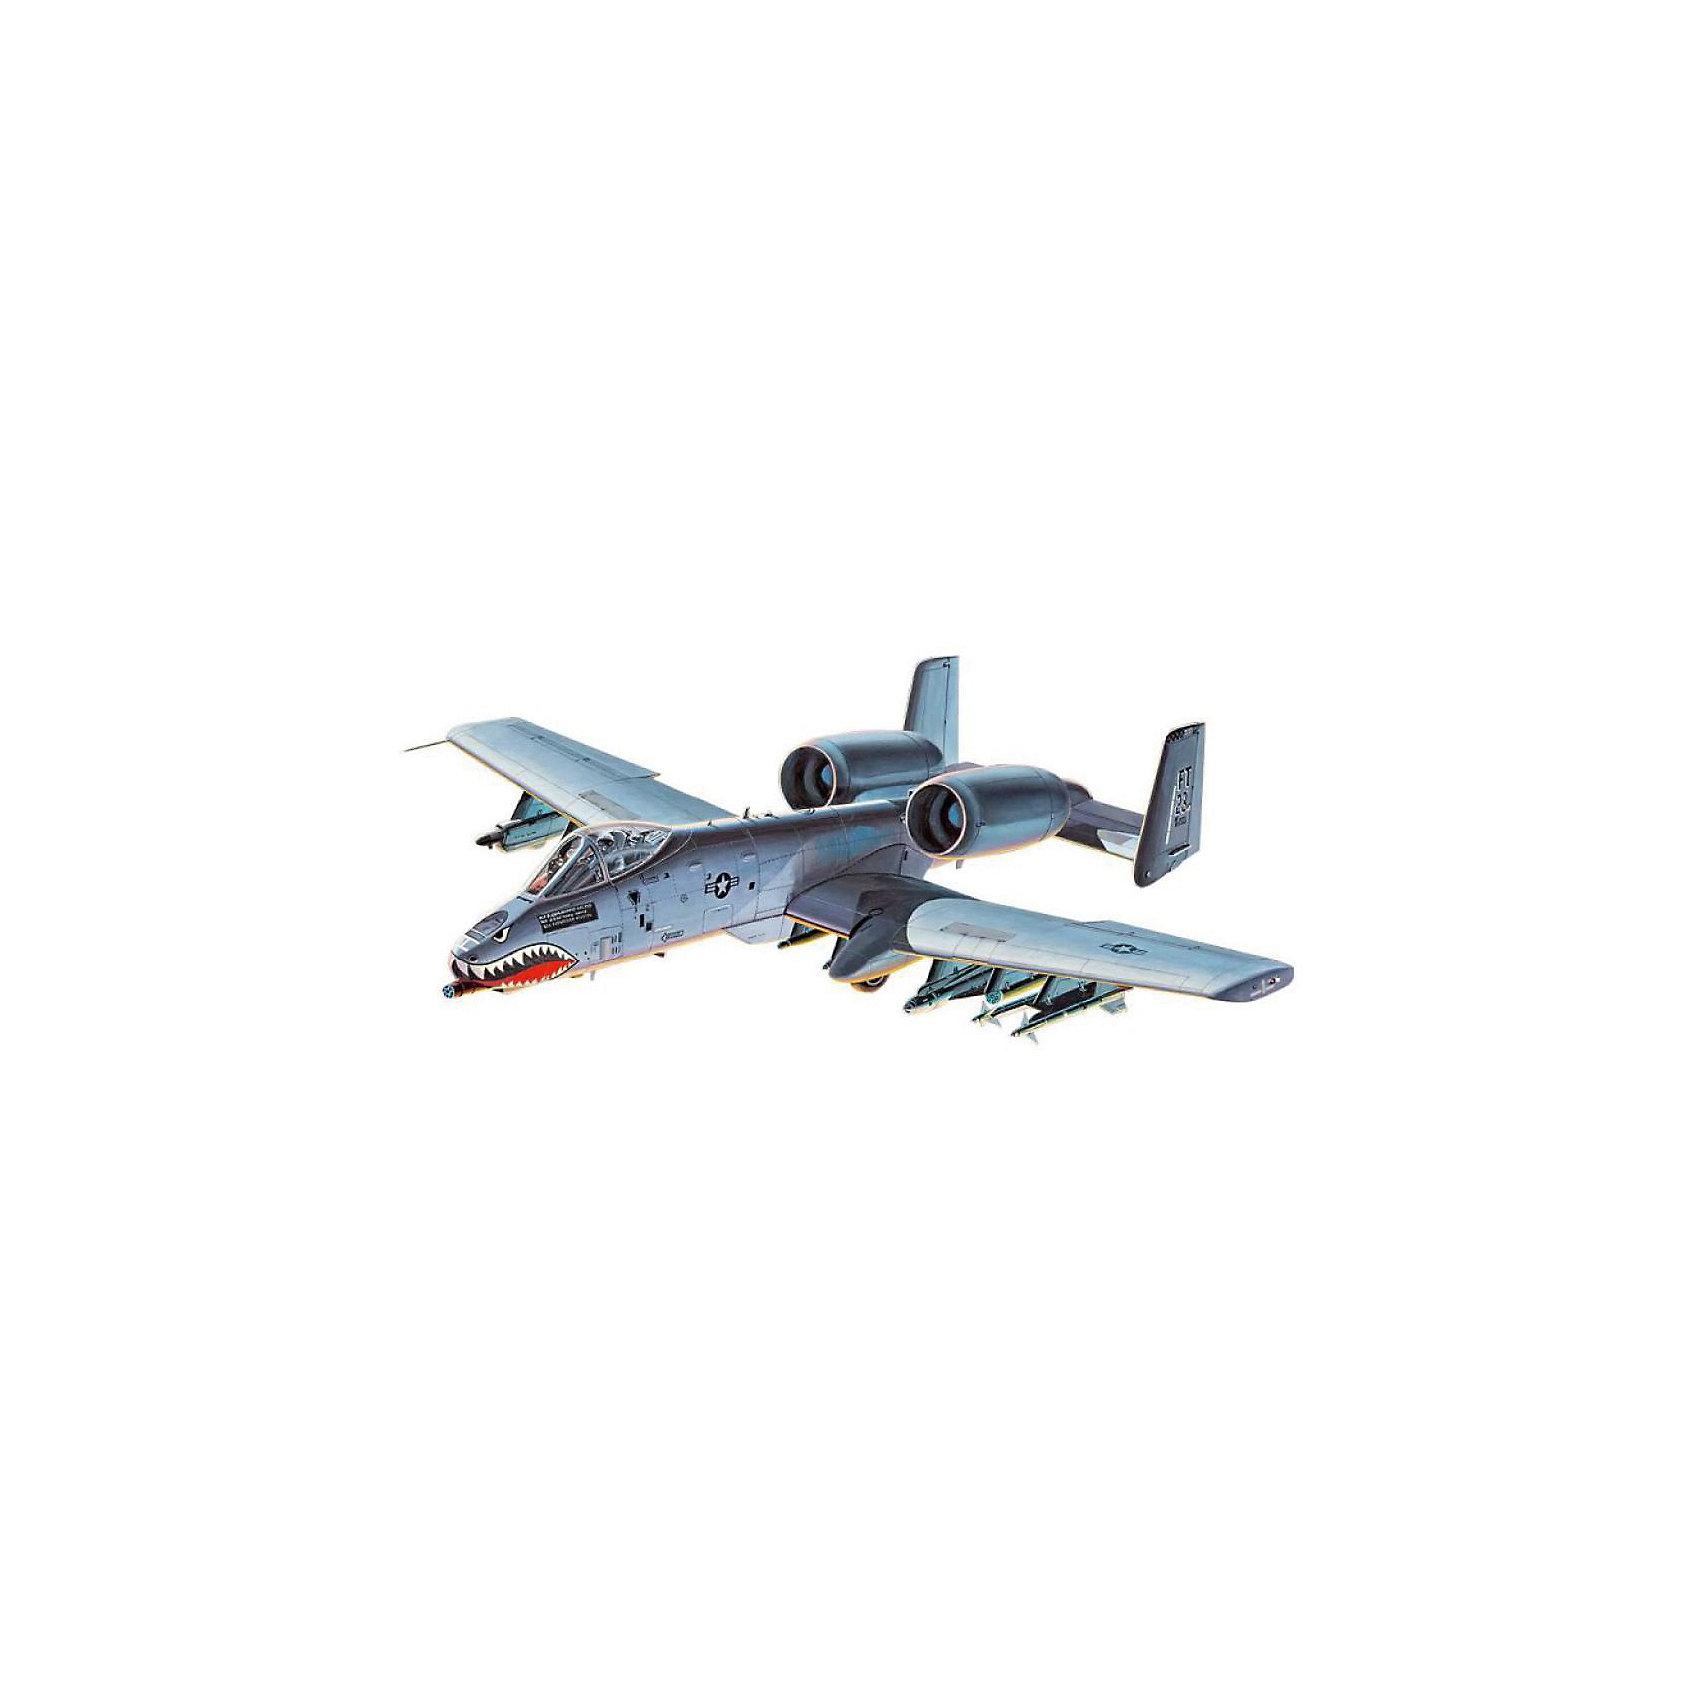 Сборка Самолет A-10 «Тандерболт» II, американскийМодели для склеивания<br>Сборная модель американского штурмовика A-10 Thunderbolt II. Самолет был разработан в 1975 году. Назван в честь другого американского истребителя-штурмовика P-47 – участника Второй мировой войны. Долгое время после передачи первых машин в армию США к A-10 относились с прохладой и даже собирались отозвать. Однако все изменилось после войны в Персидском заливе, где самолет хорошо себя зарекомендовал. <br>Вооружение самолета состоит из 30-мм авиационной пушки GAU-8/A. Кроме того штурмовик может нести бомбы и ракеты общим весом в 7257 кг. <br>Масштаб: 1:100 <br>Количество деталей: 33 шт <br>Длина модели: 163 мм <br>Размах крыльев: 175 мм <br>Рекомендуется для детей старше 10-и лет.<br><br>Ширина мм: 9999<br>Глубина мм: 9999<br>Высота мм: 9999<br>Вес г: 9999<br>Возраст от месяцев: 96<br>Возраст до месяцев: 2147483647<br>Пол: Мужской<br>Возраст: Детский<br>SKU: 7122330